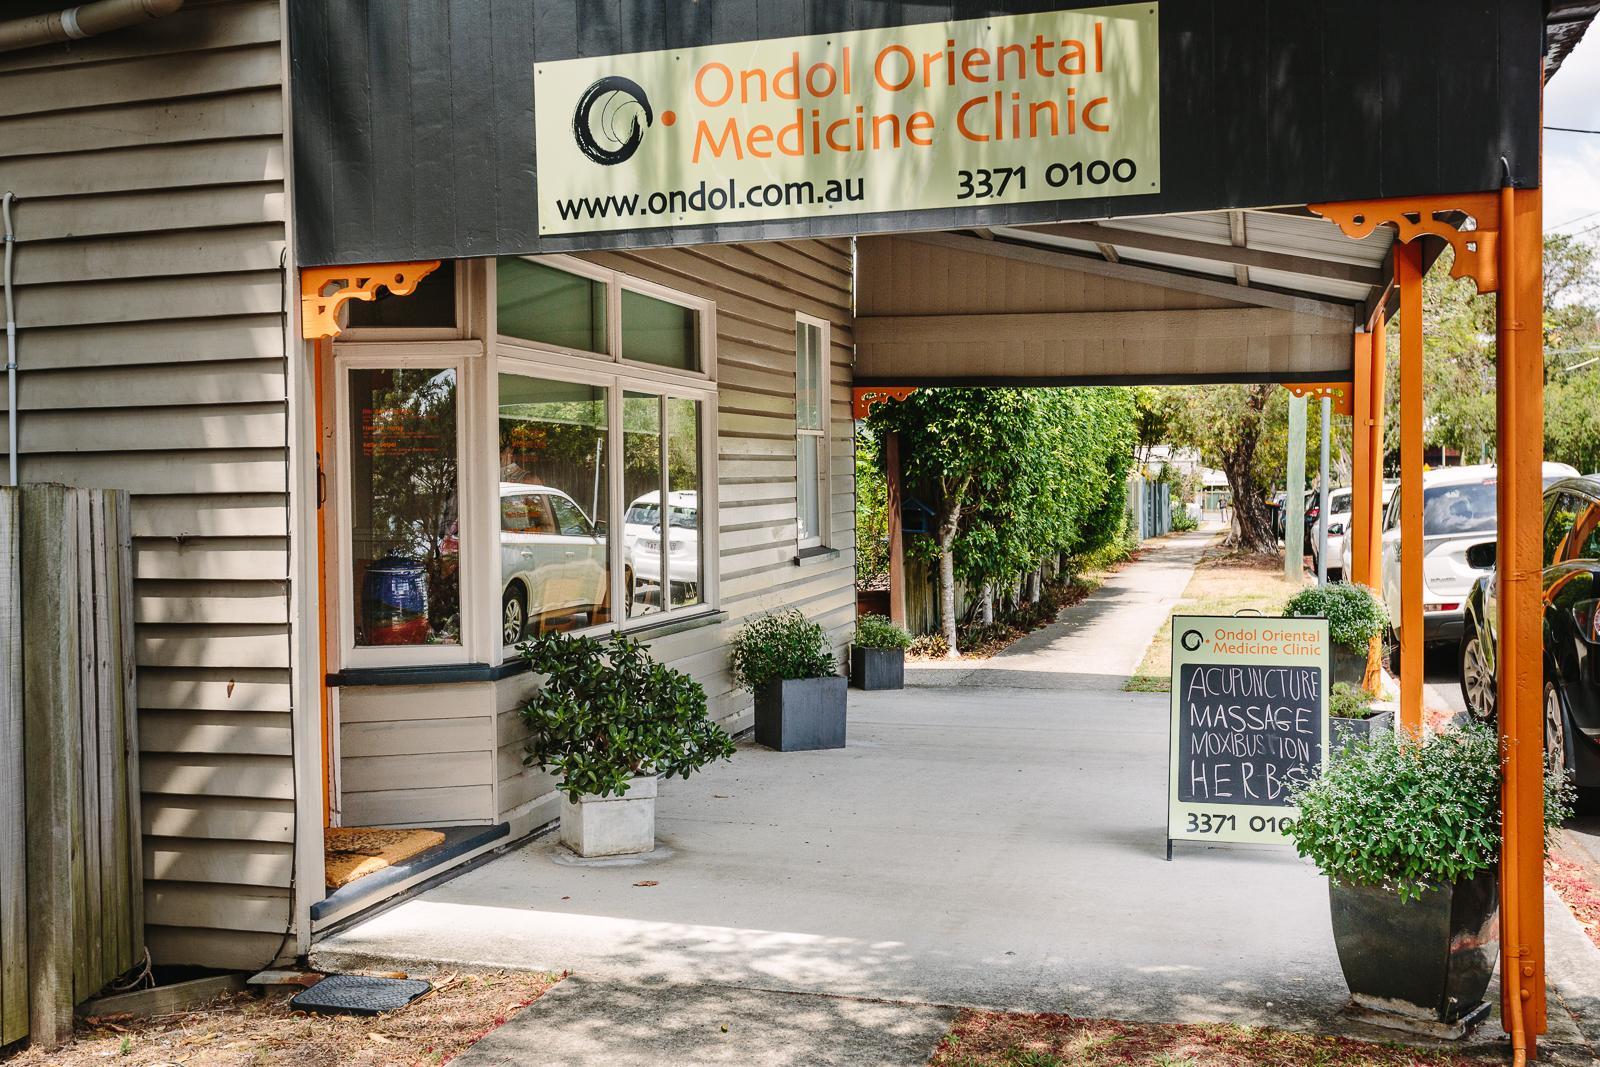 Acupuncture Massage Herbs Brisbane